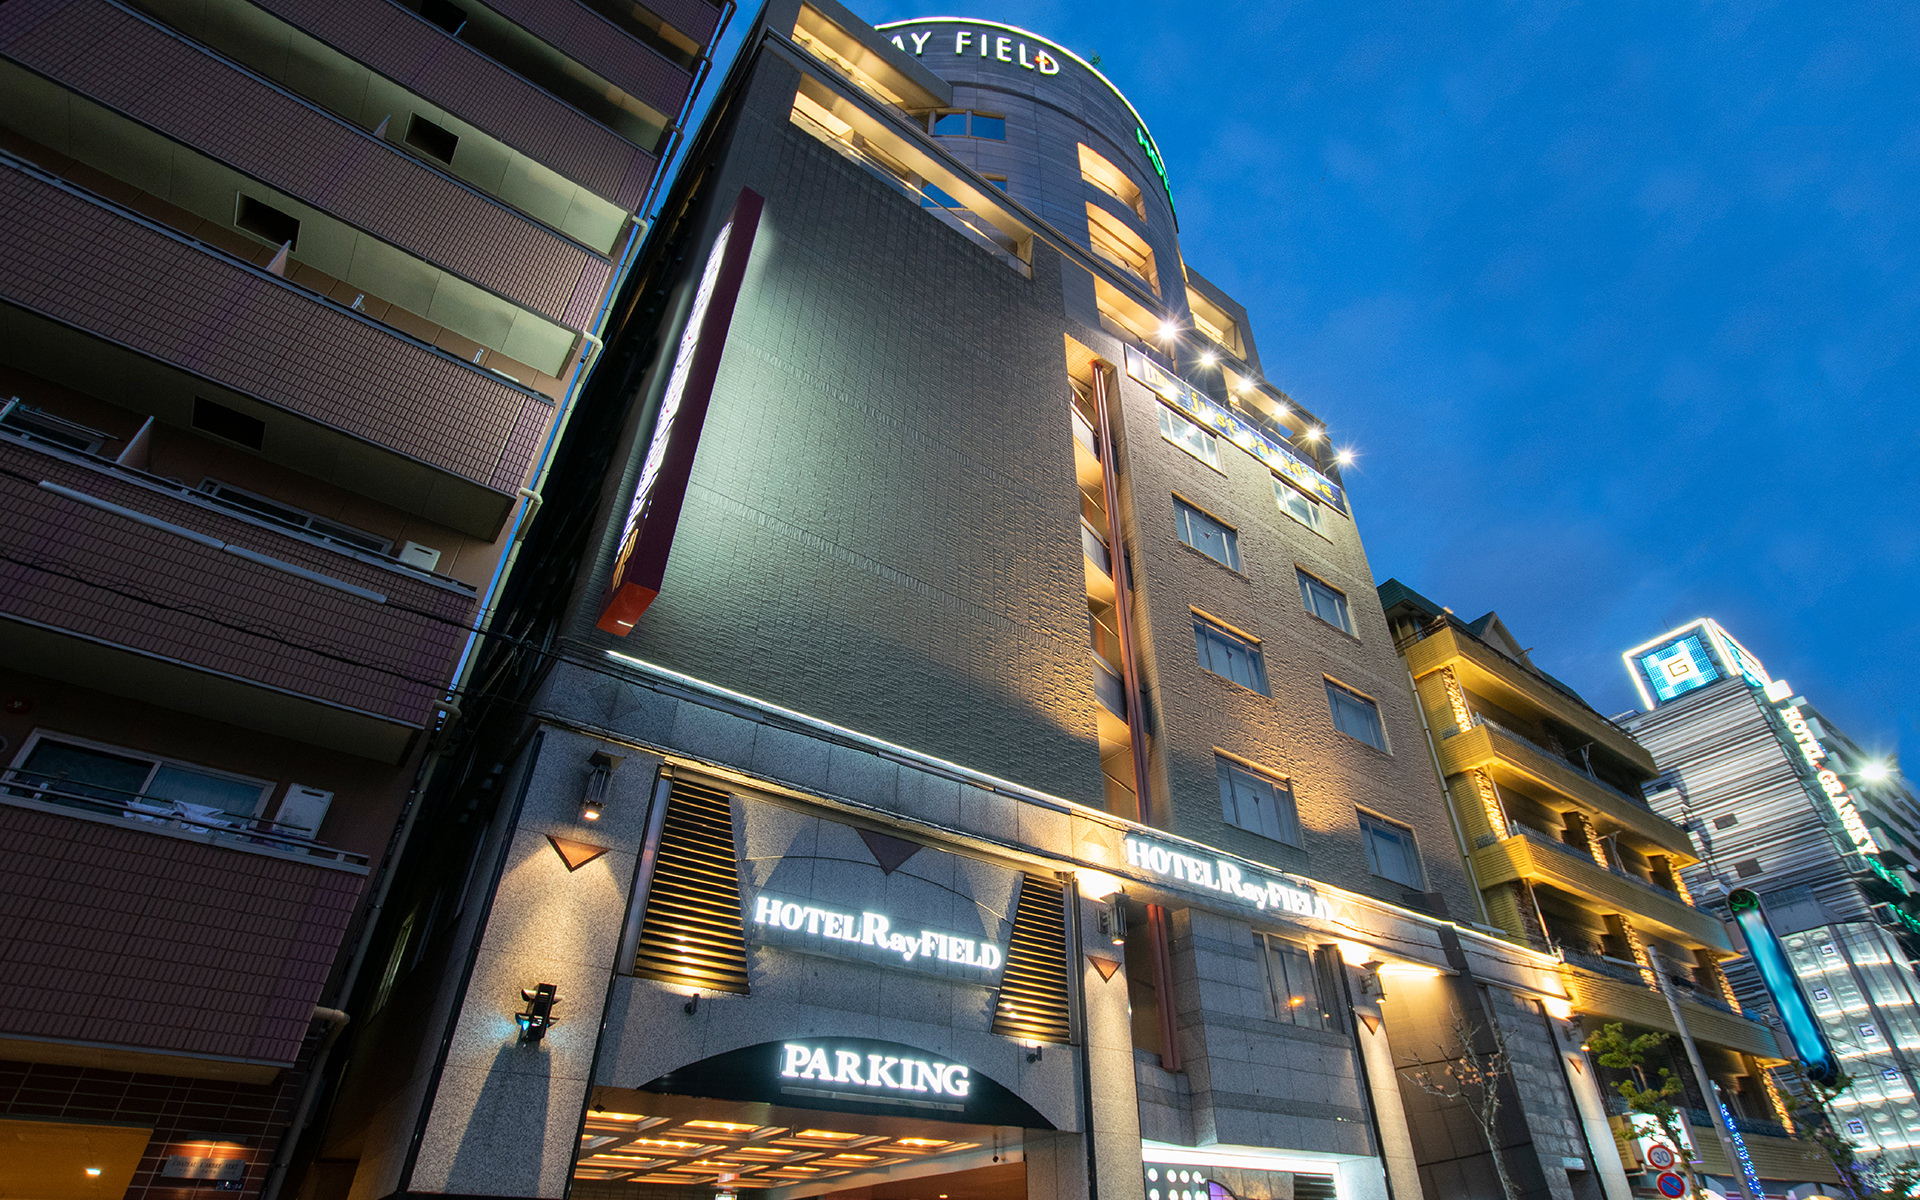 「ホテル 錦糸町 レイフィールド」の画像検索結果